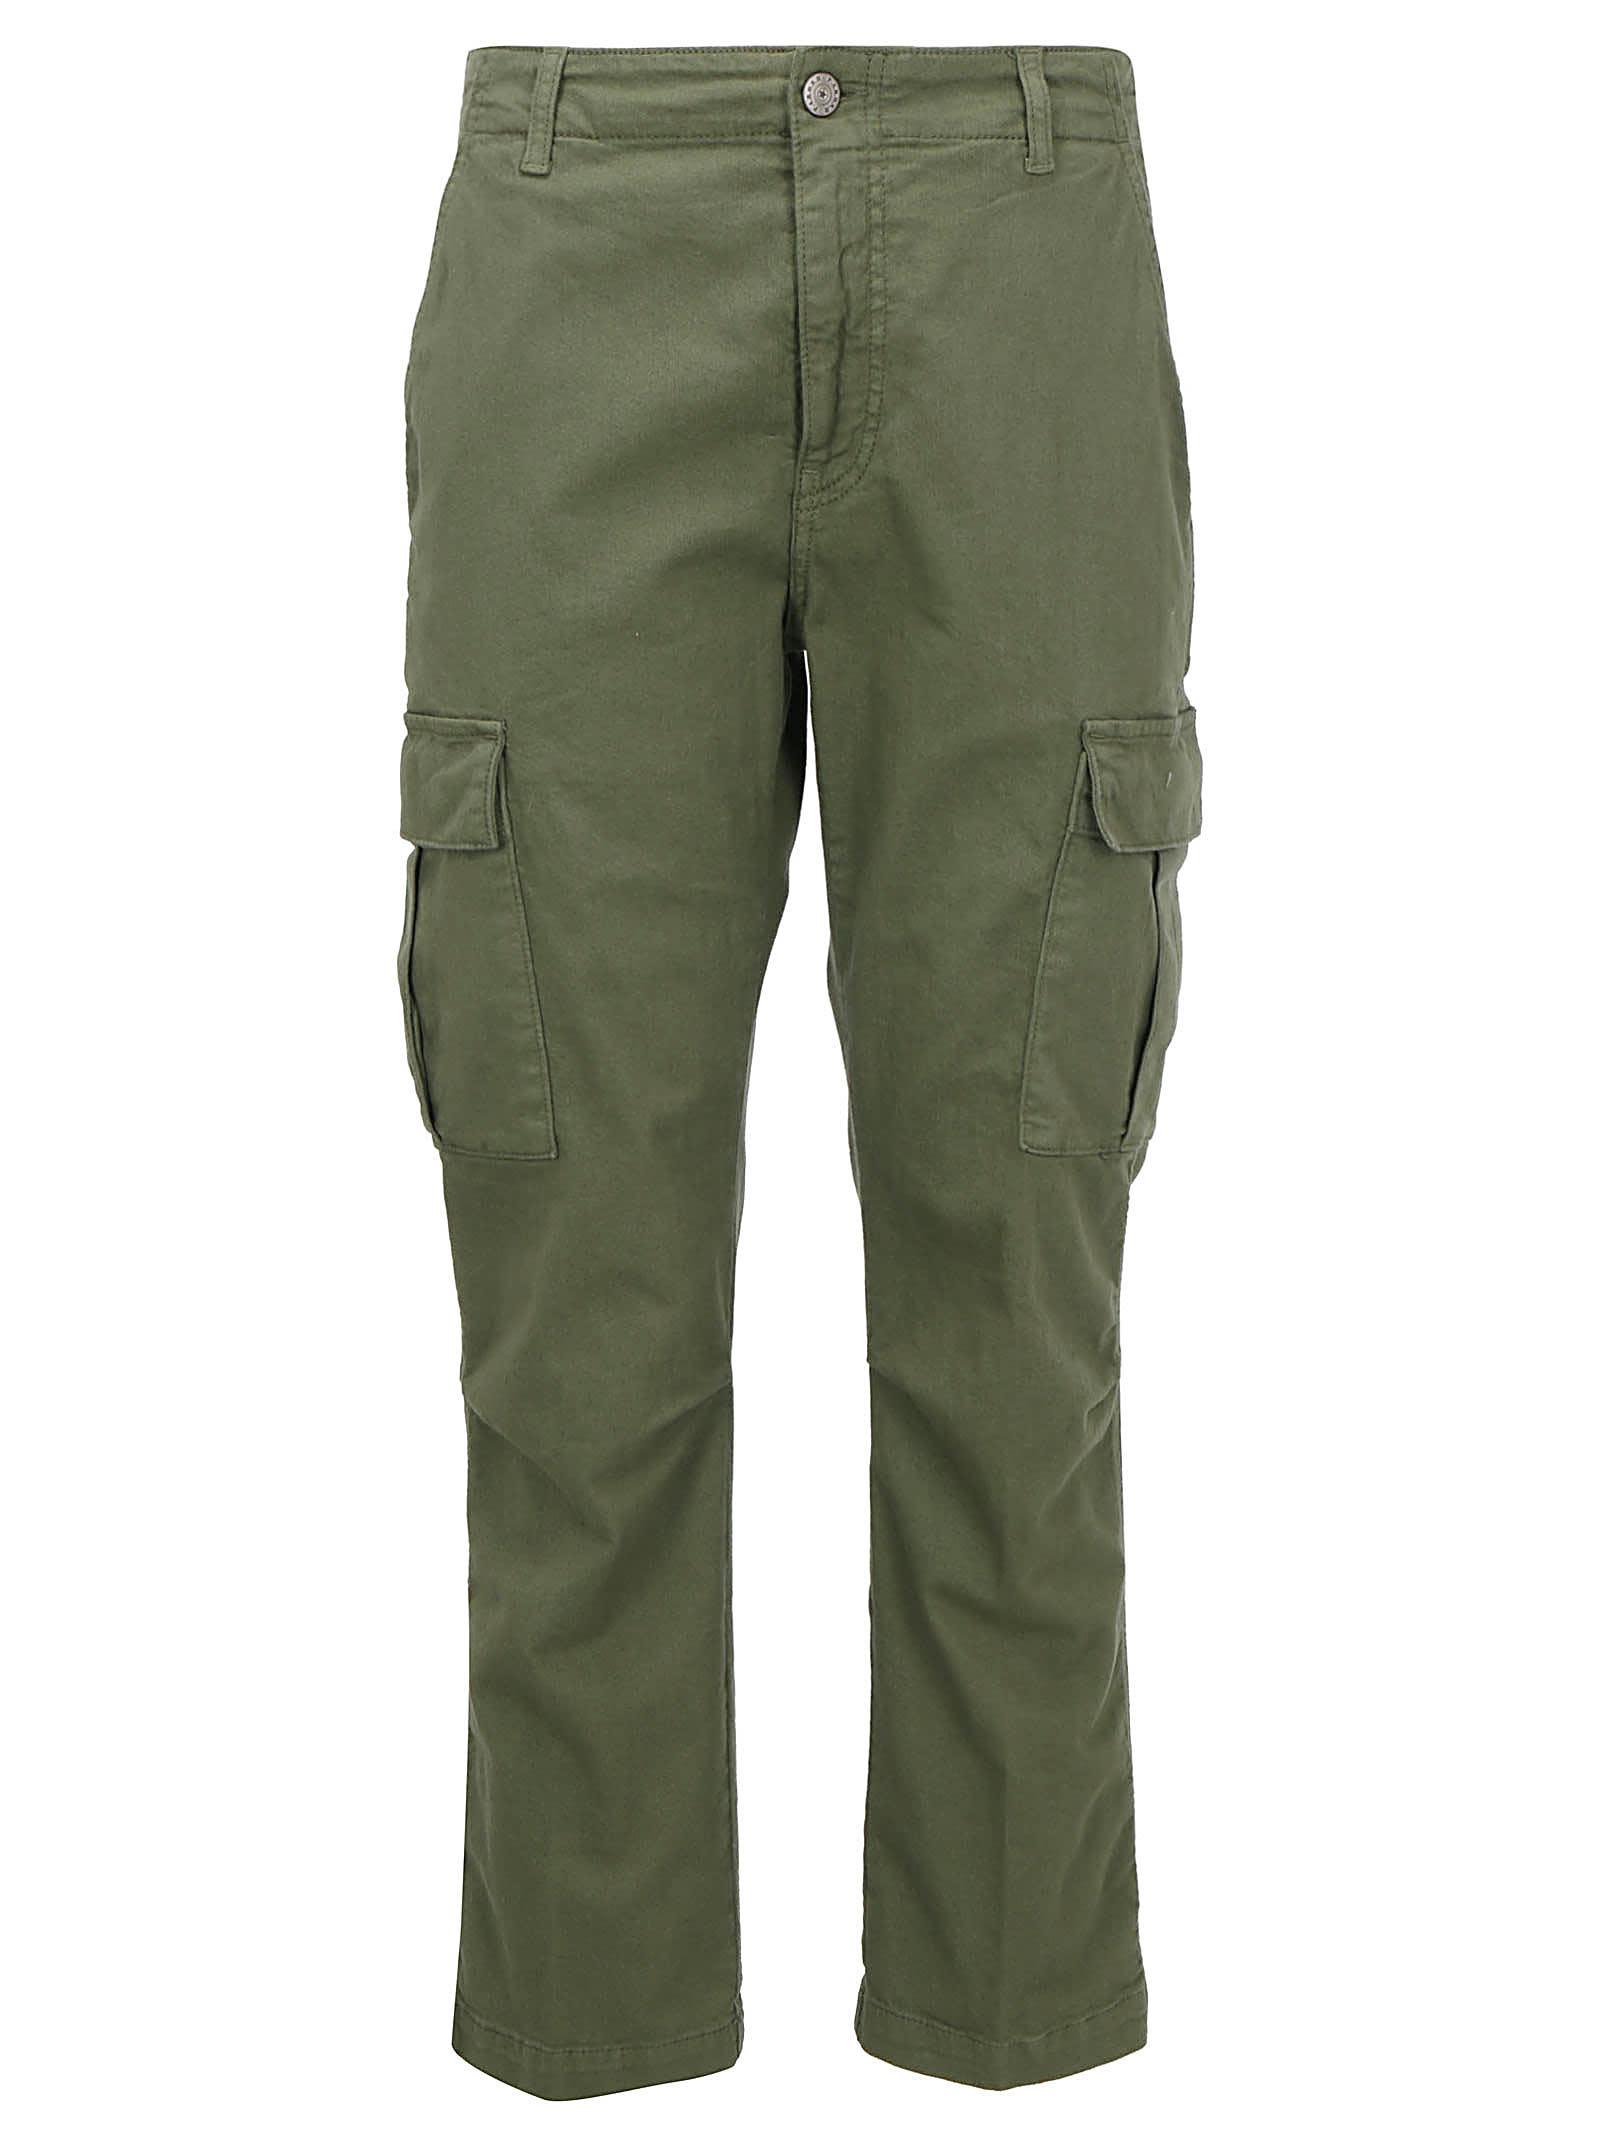 Parosh Cargo Pants